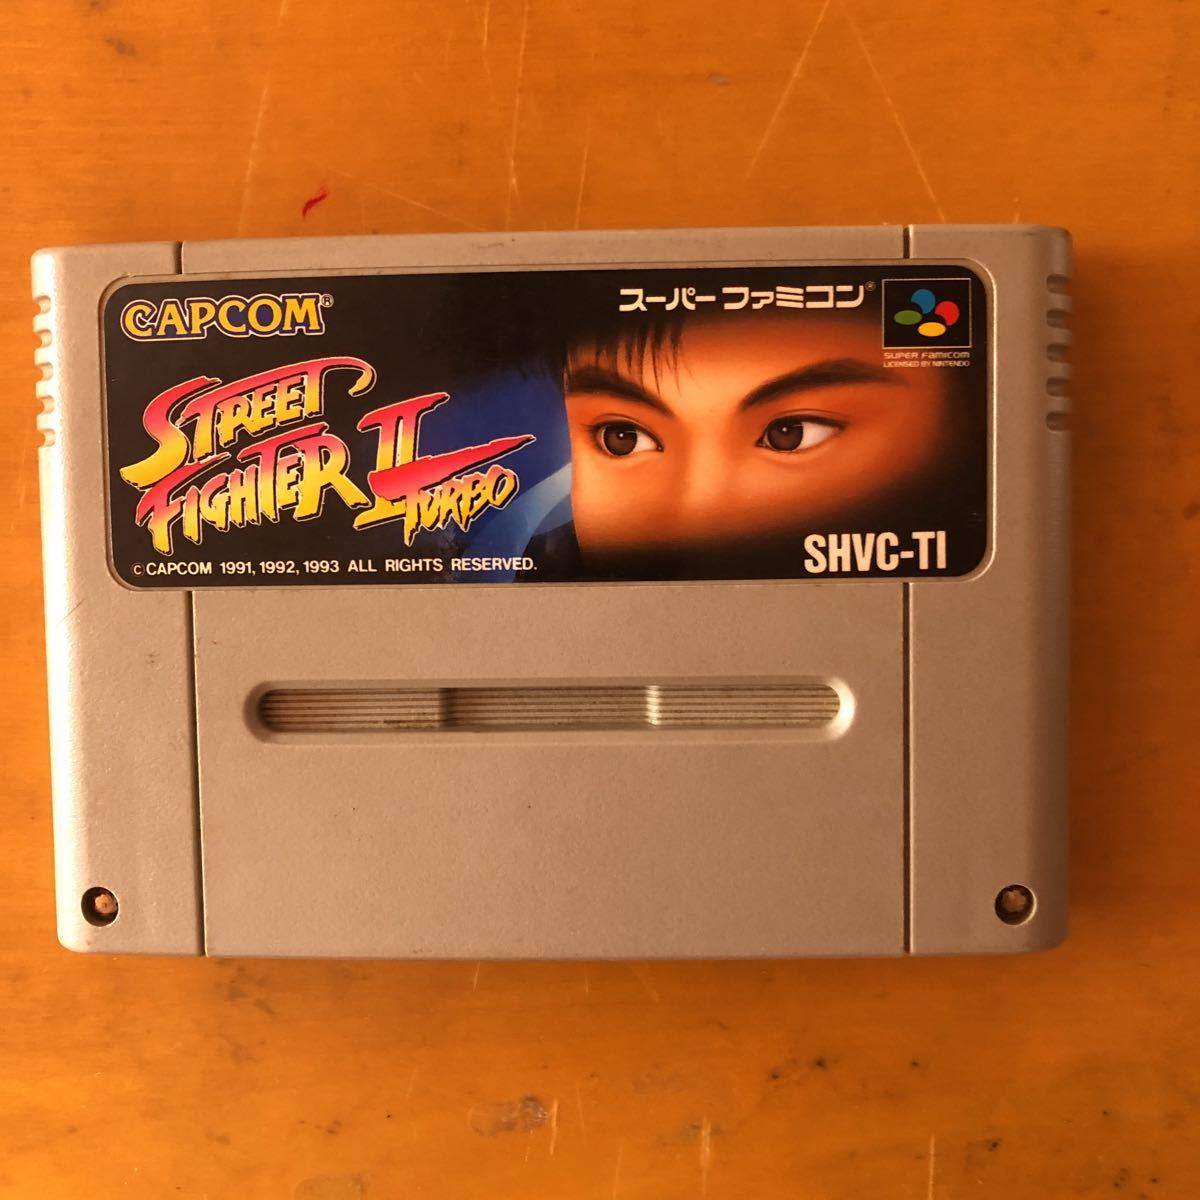 スーパーファミコン ストリートファイターⅡターボ